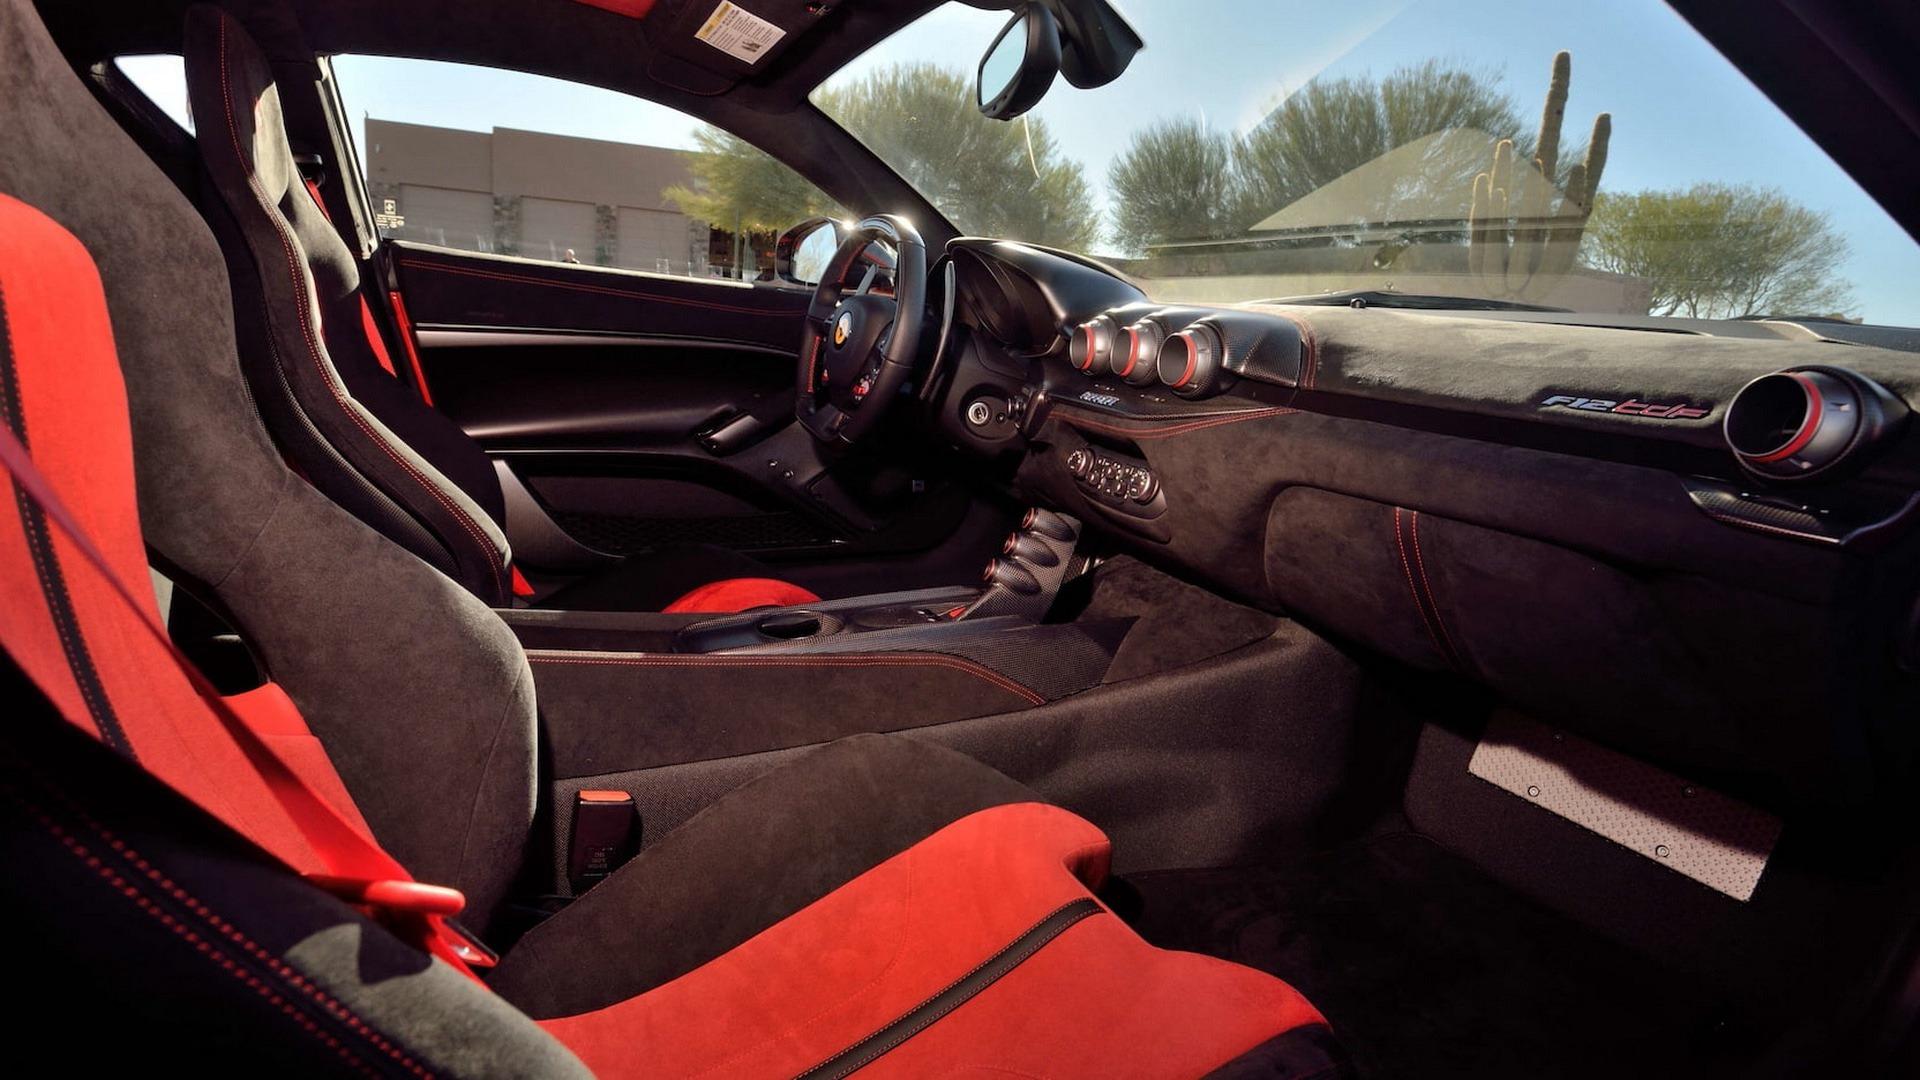 Penske_Ferrari_F12TdF_sale_0005